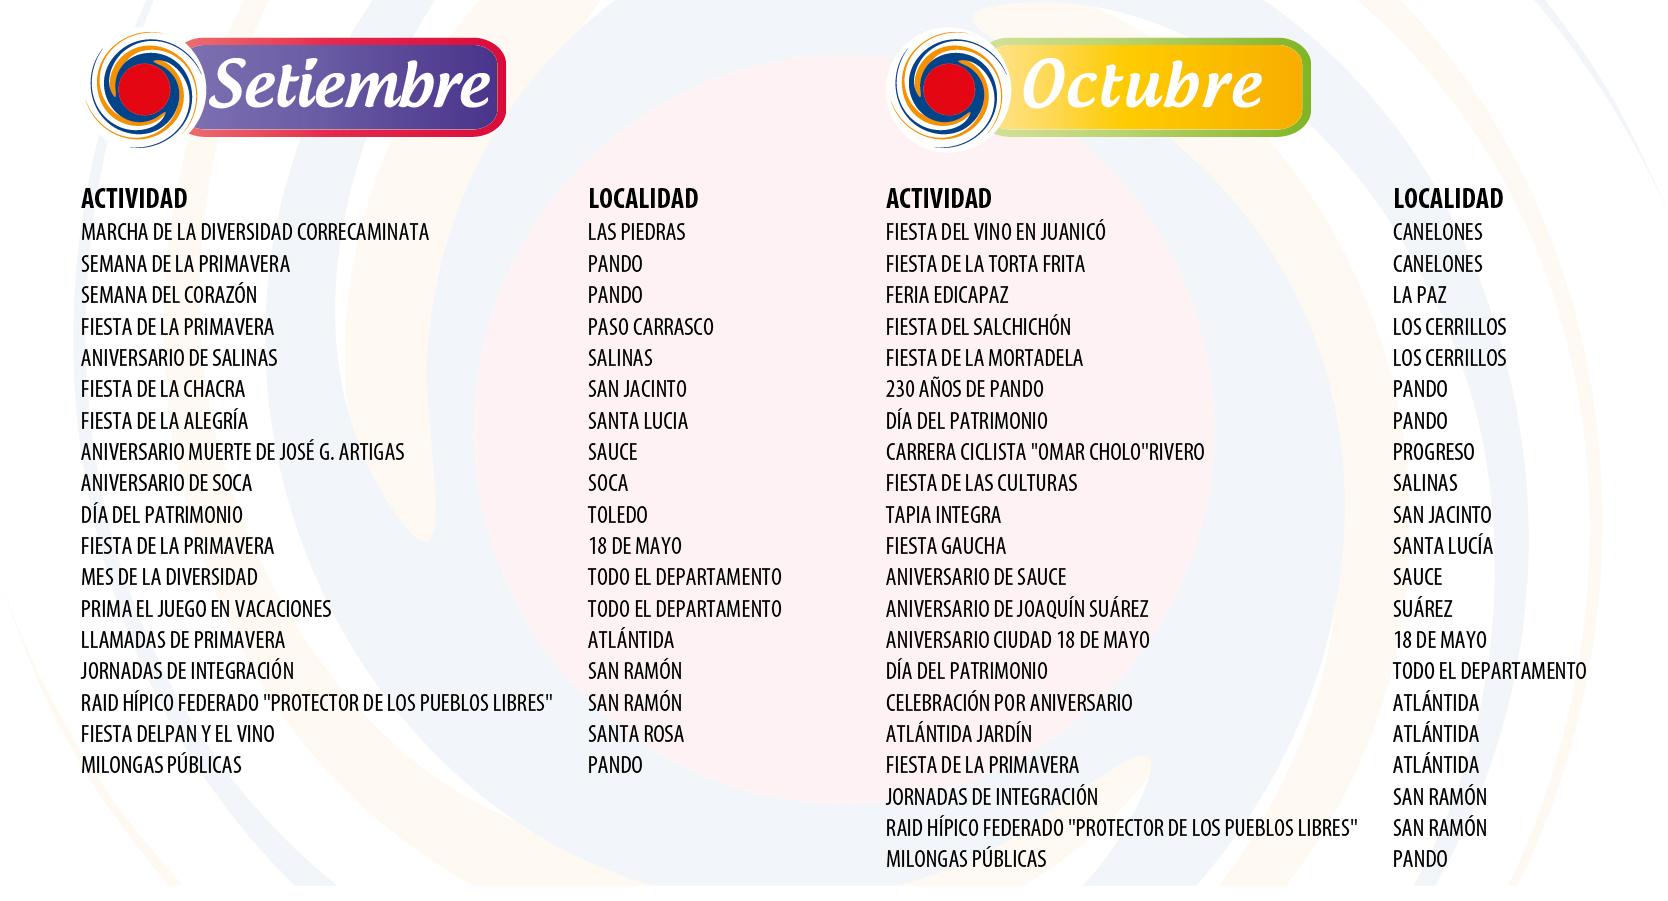 Fiestas Canarias - Setiembre / Octubre